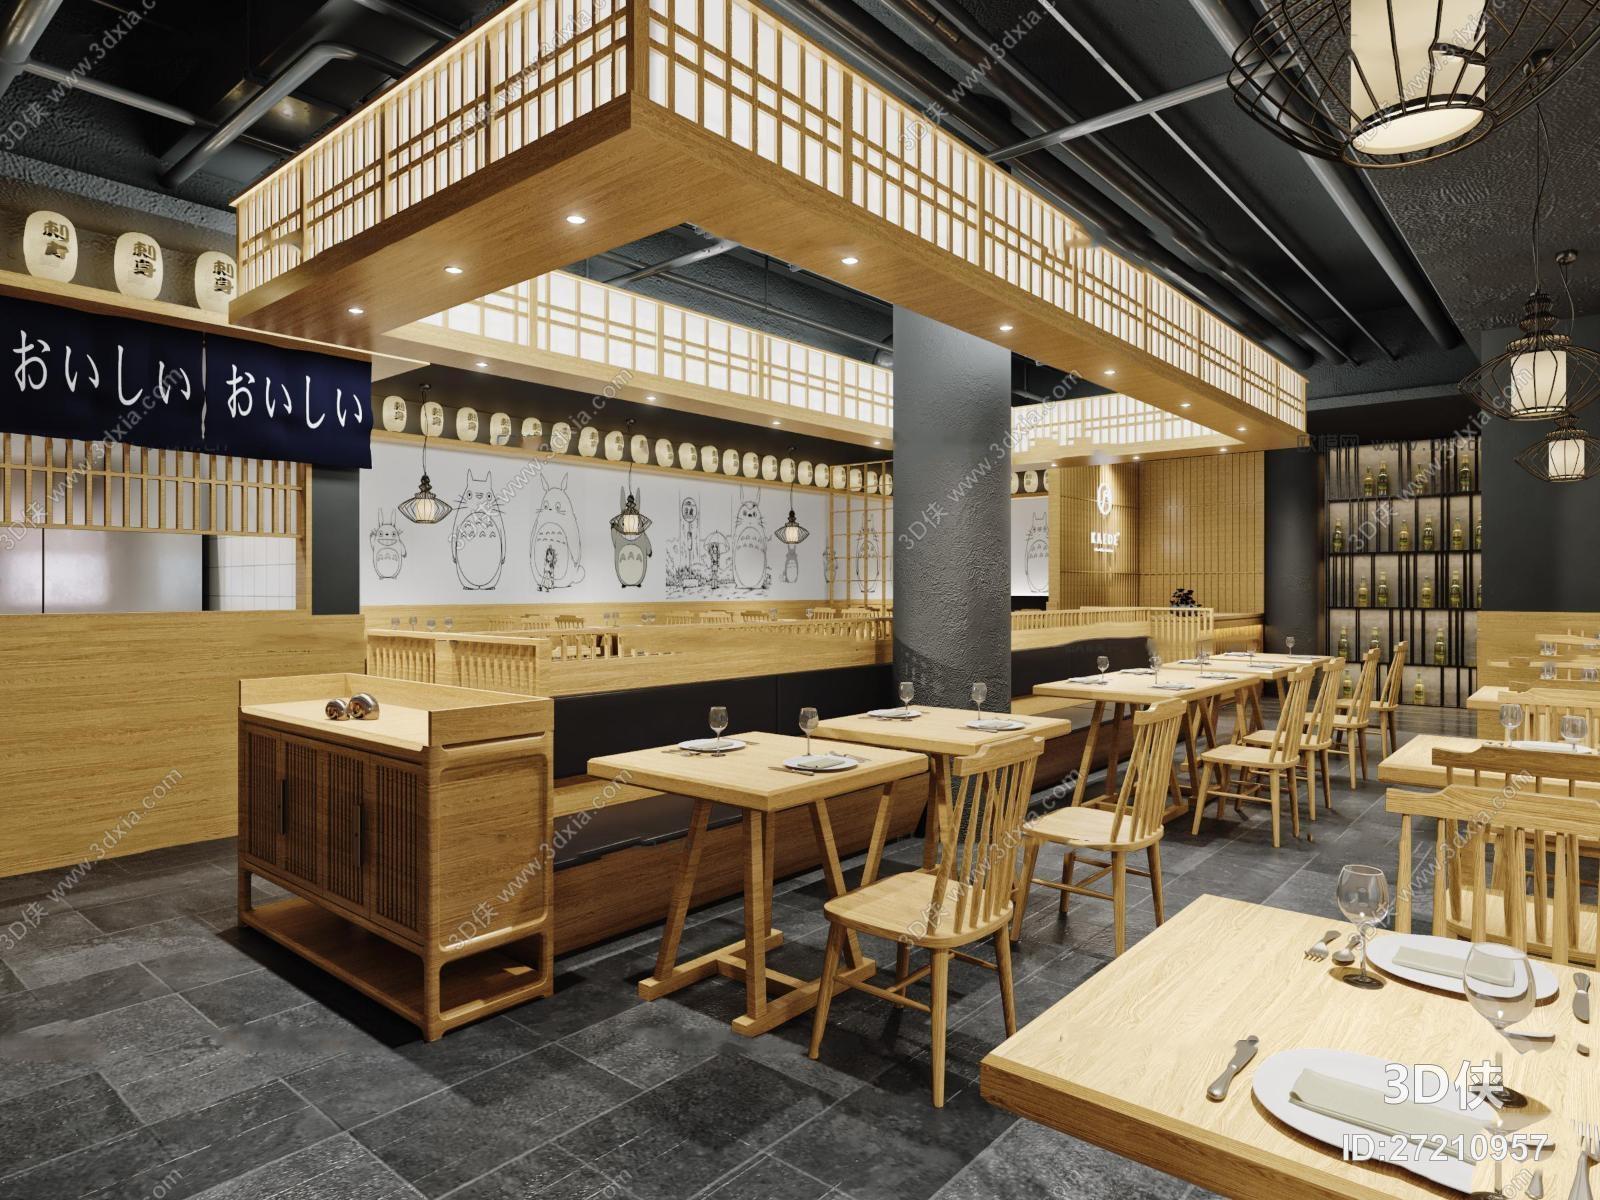 好看的日韩风格 效果图素材免费下载,本作品主题是日式料理店3d模型